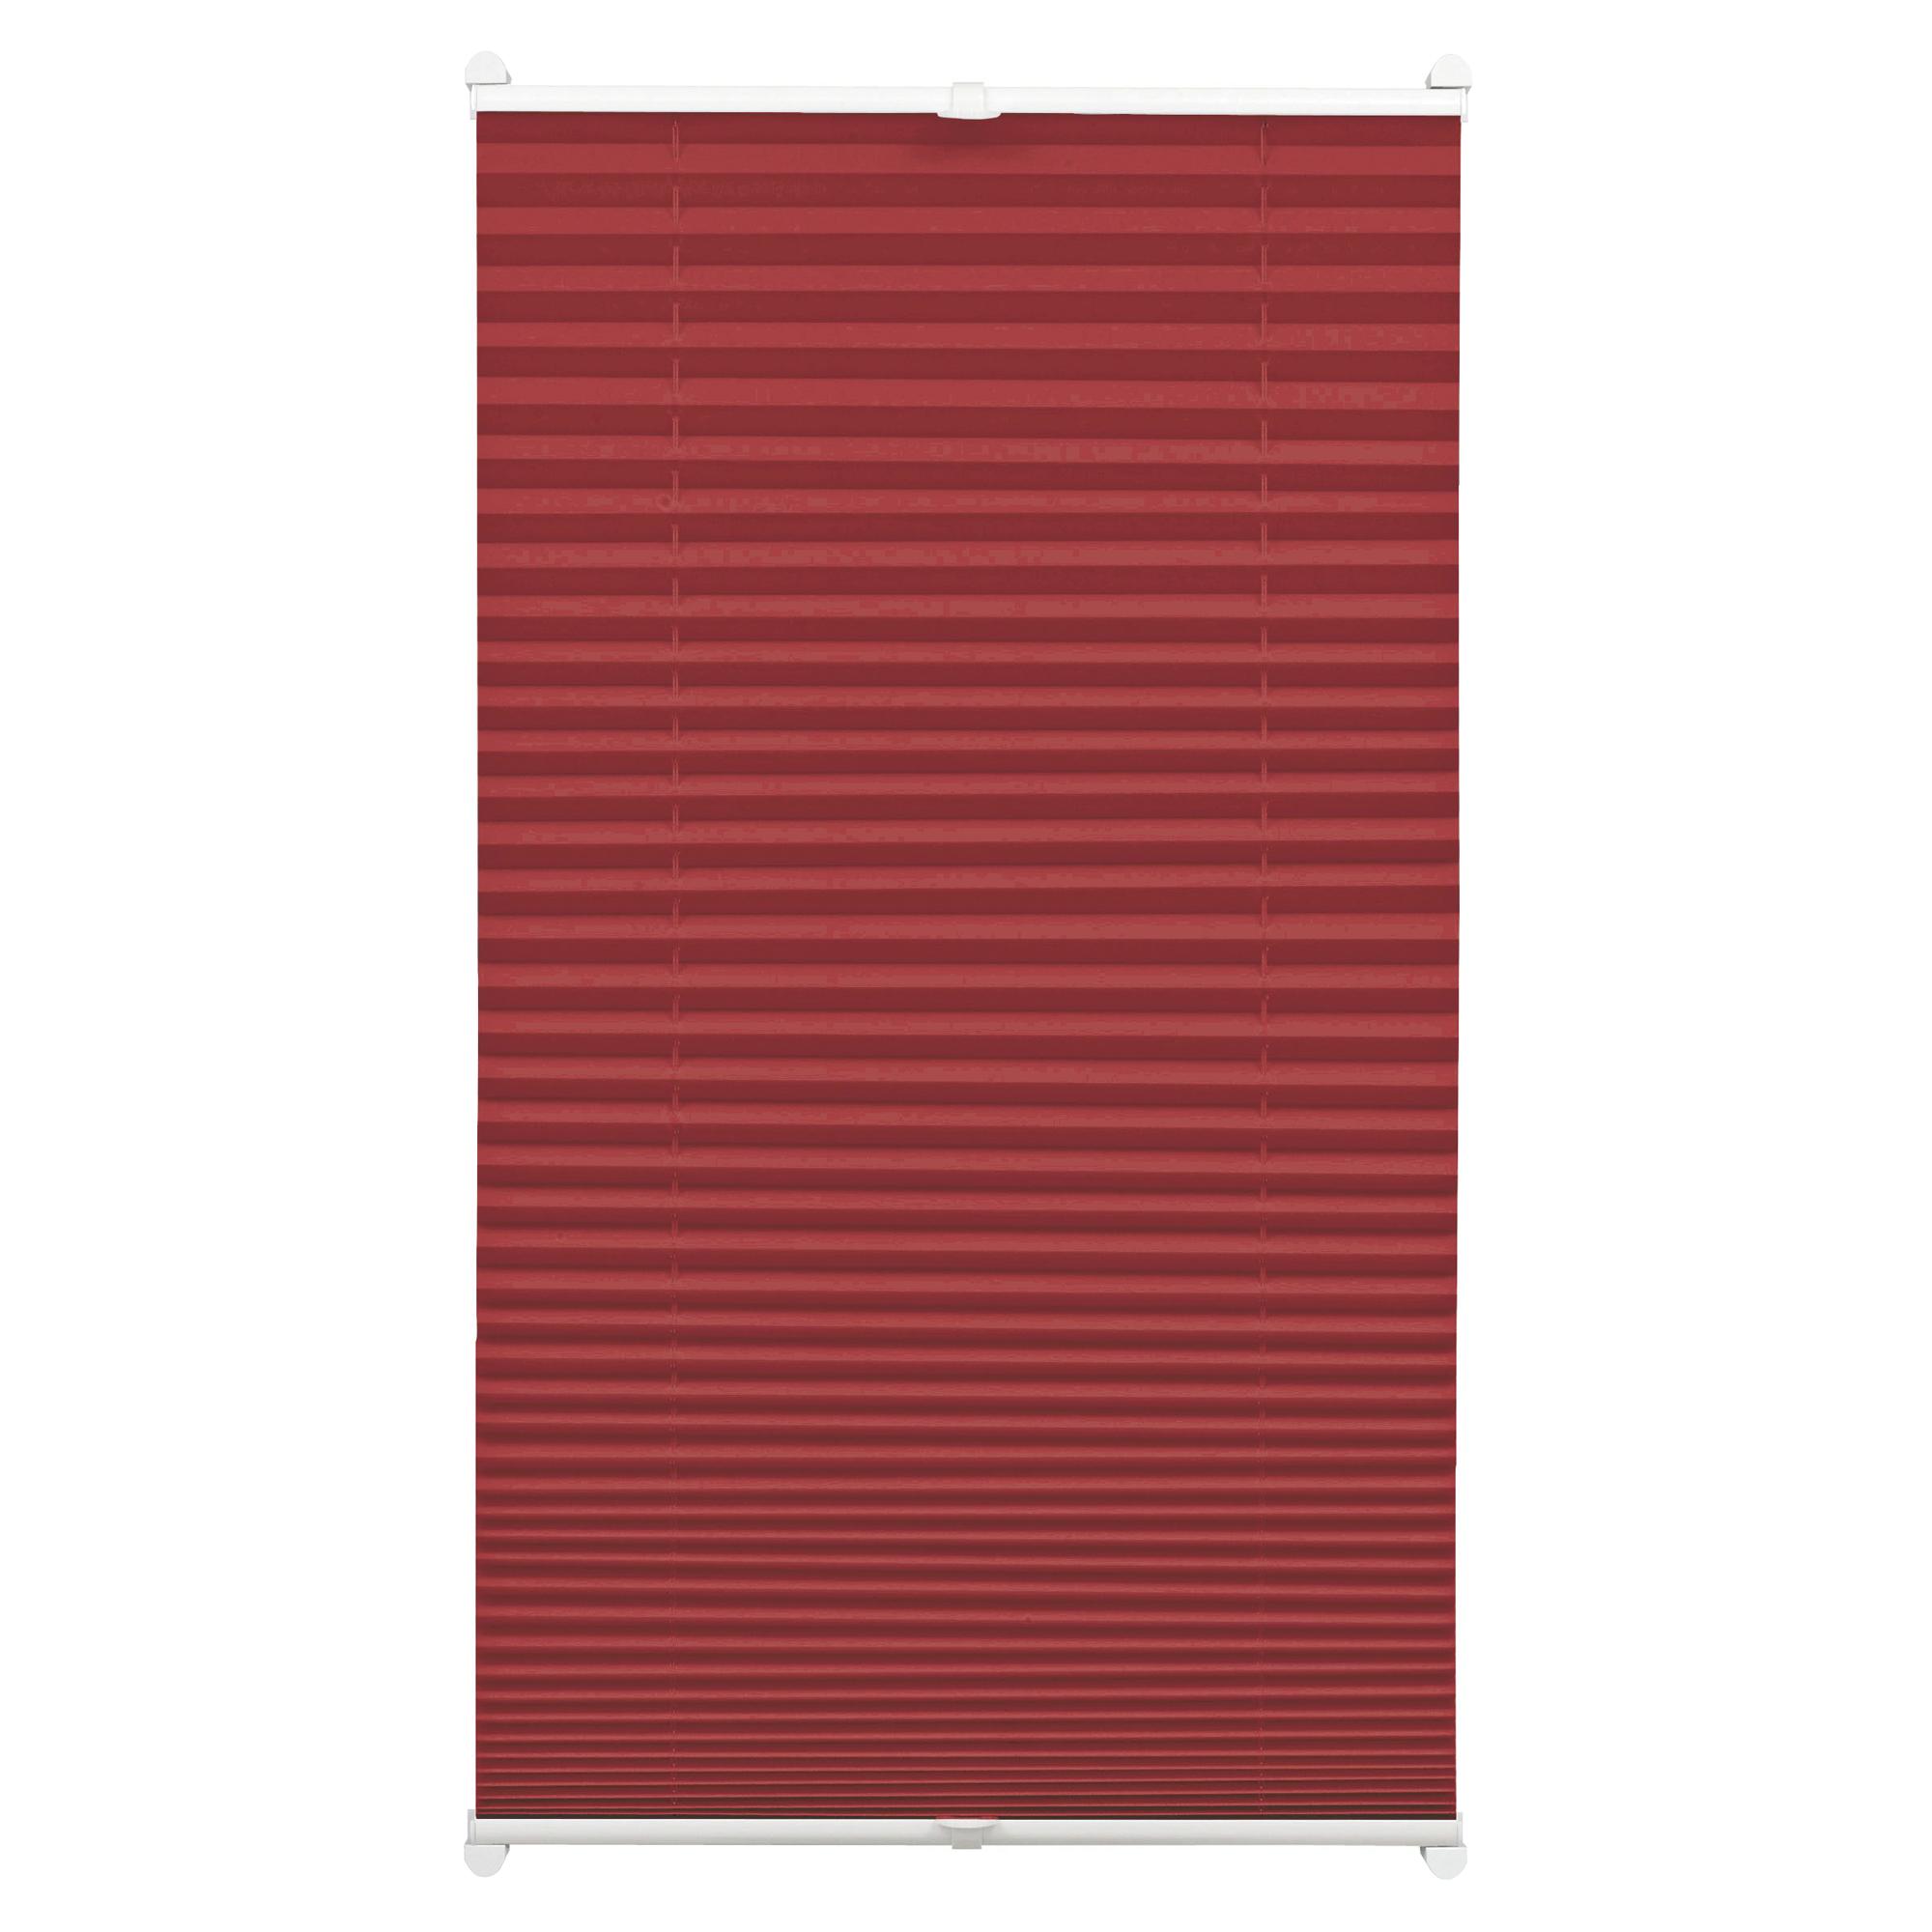 plissee 130 cm breit fensterdecor plissee sichtschutz 40 cm breit 130 cm hoch blickdicht ebay. Black Bedroom Furniture Sets. Home Design Ideas